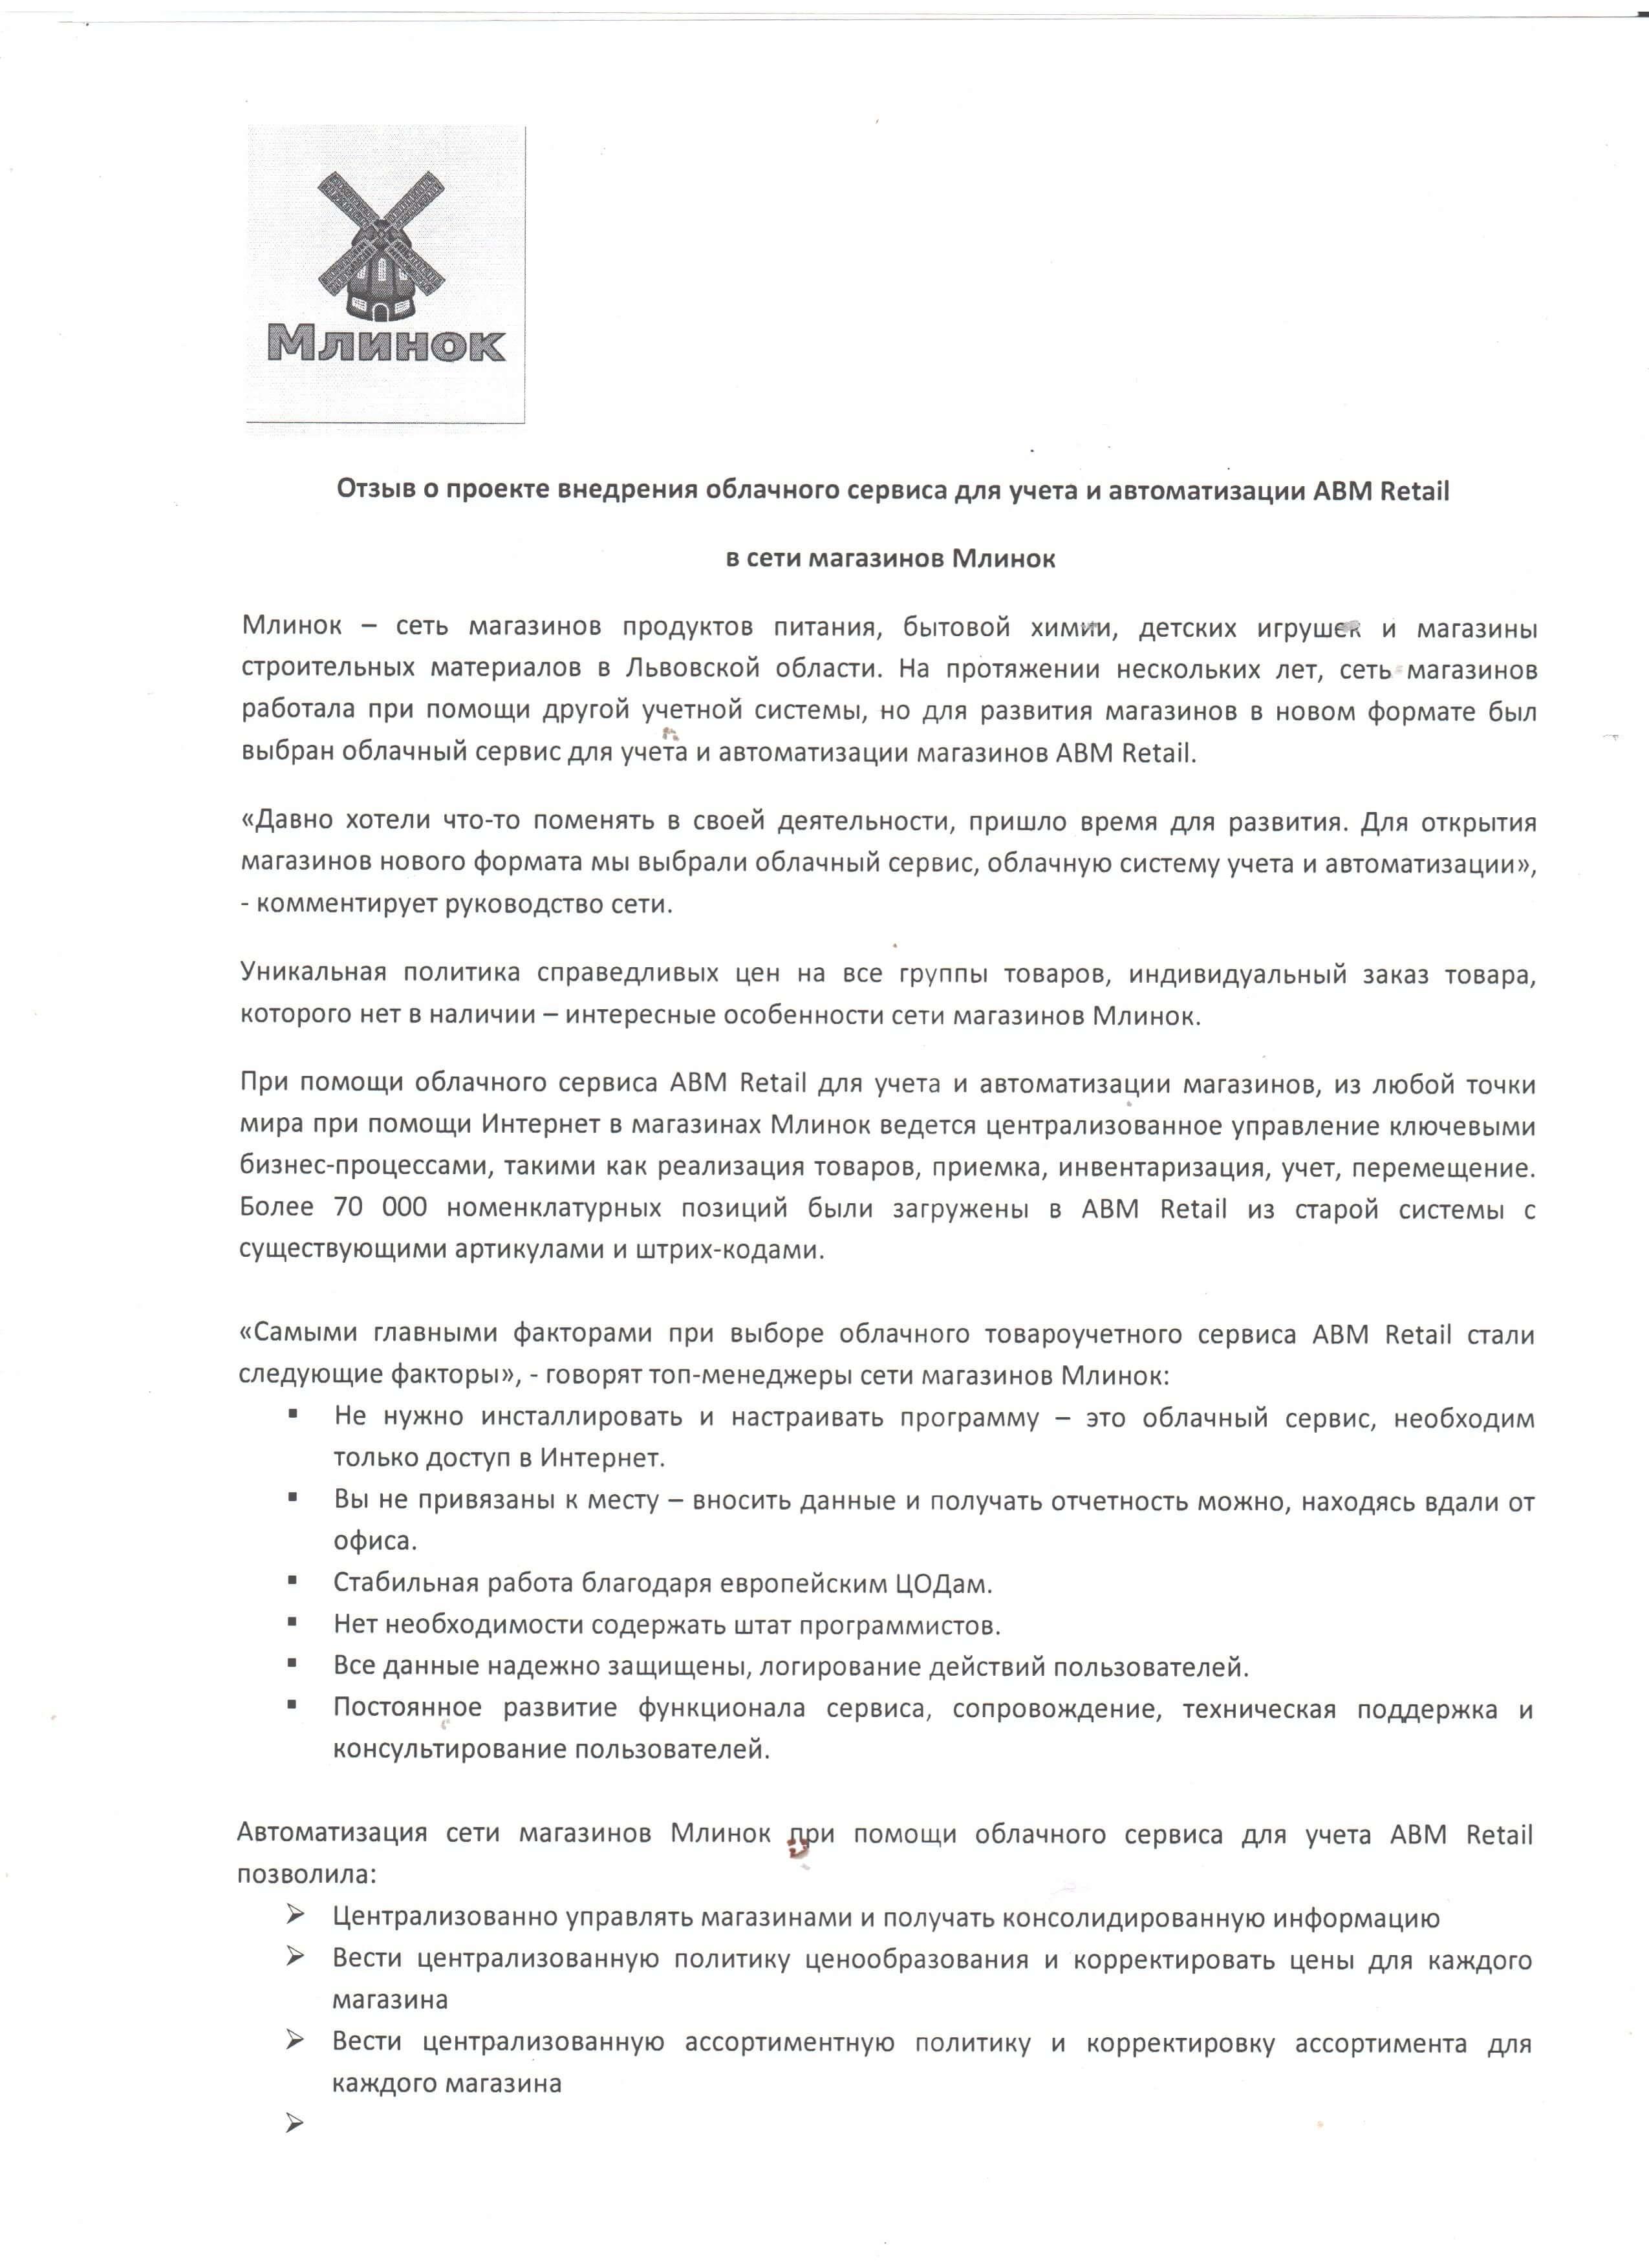 Автоматизация сети магазинов Млинок - отзыв о проекте